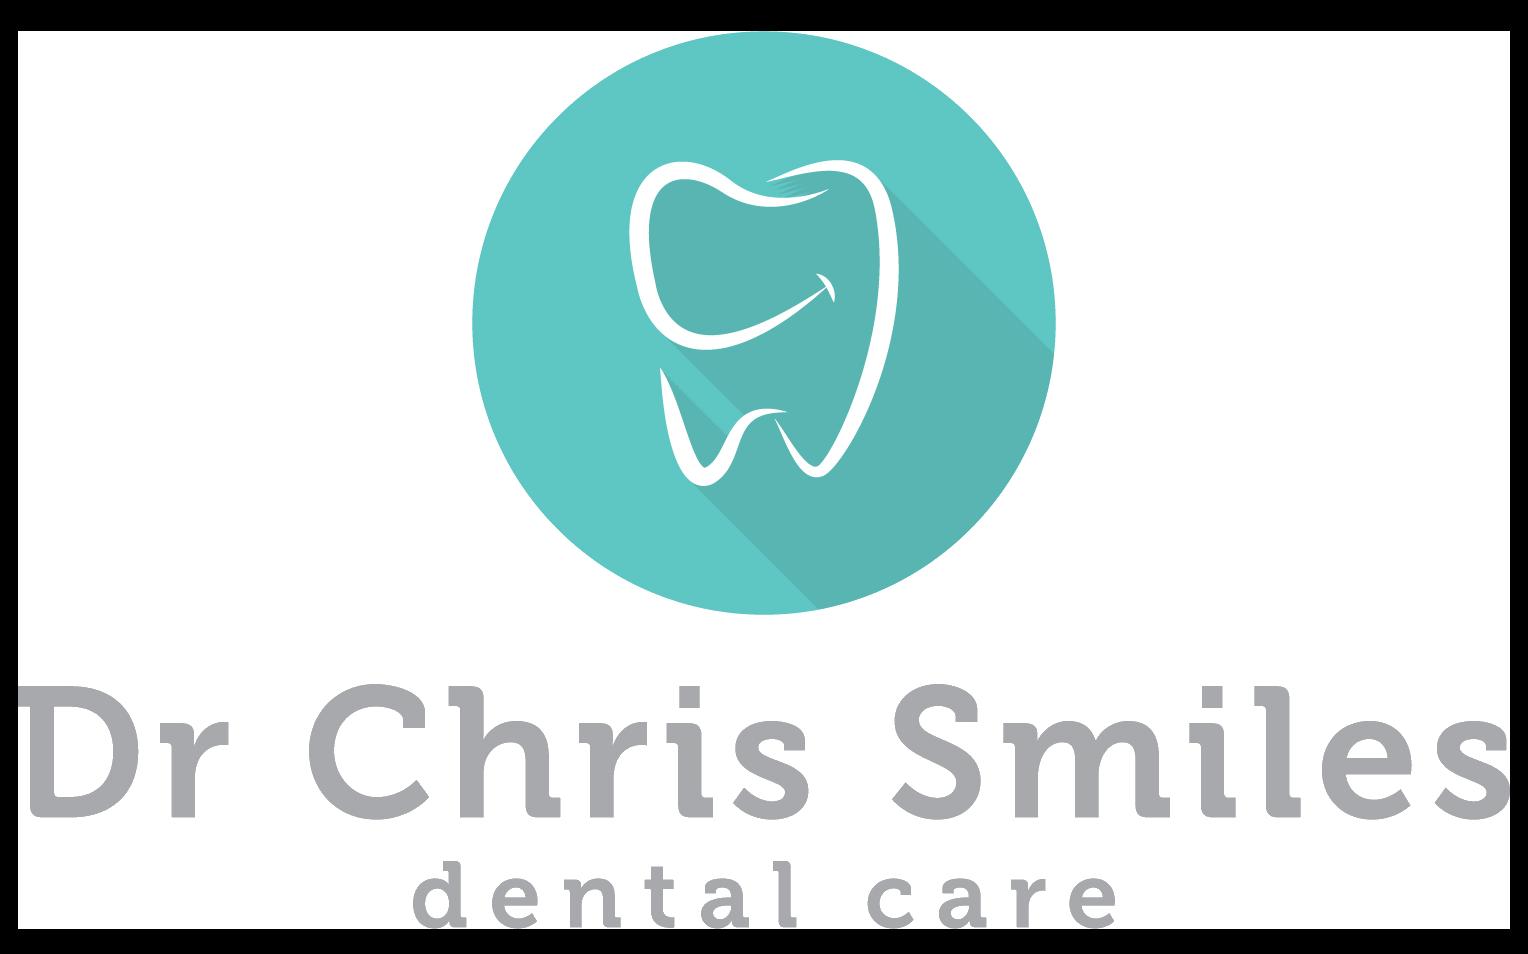 DrChrisSmiles-logo-crop.png